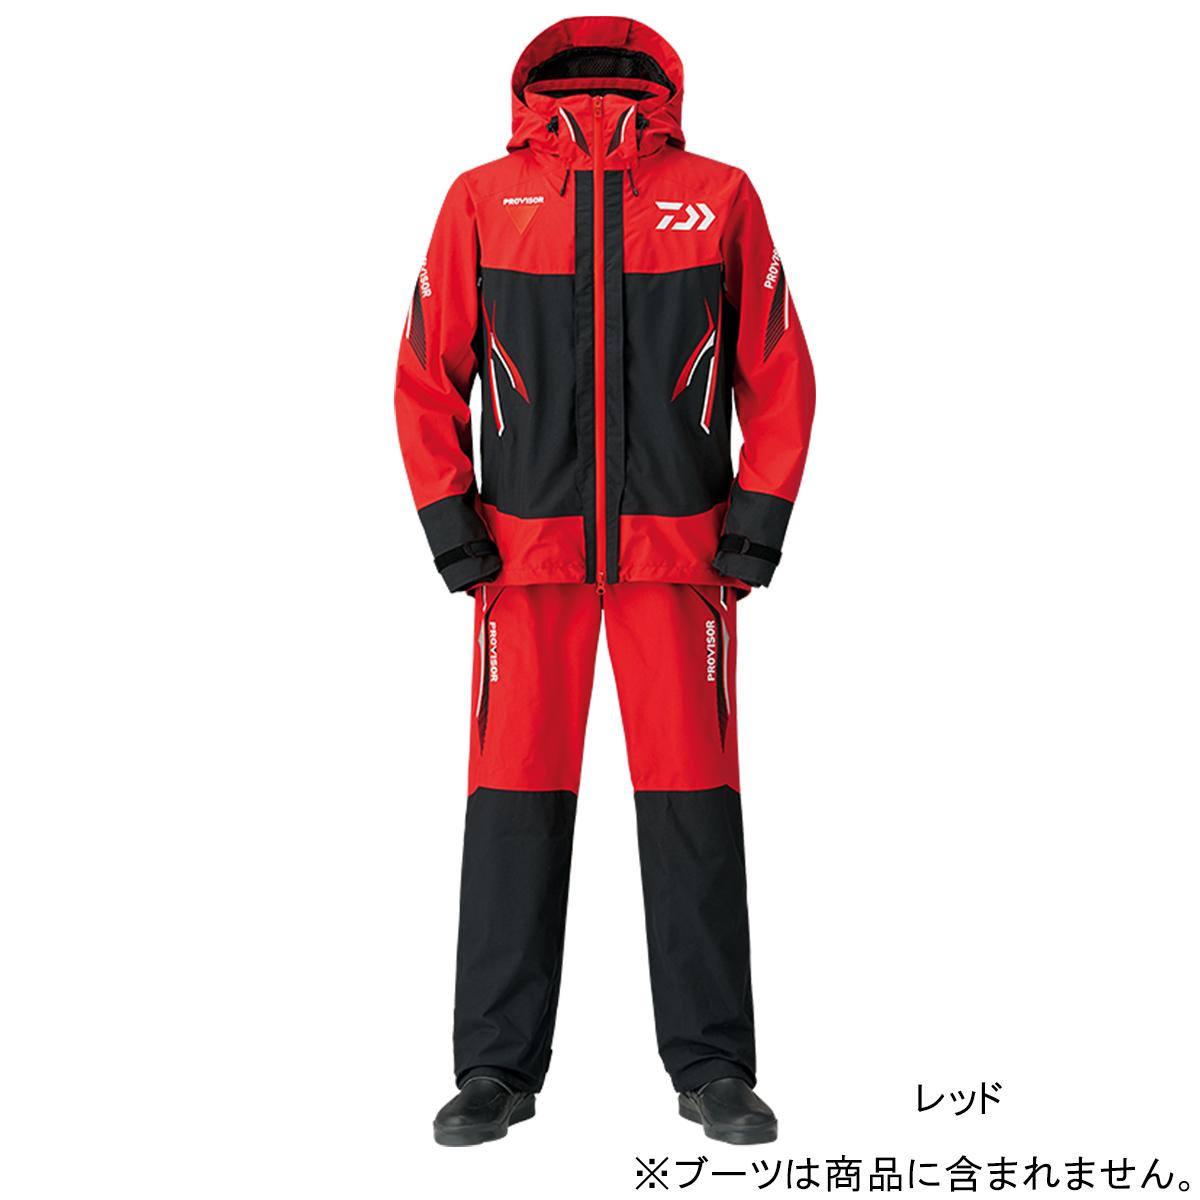 ダイワ プロバイザー ゴアテックス プロダクト コンビアップレインスーツ DR-1508 L レッド(東日本店)